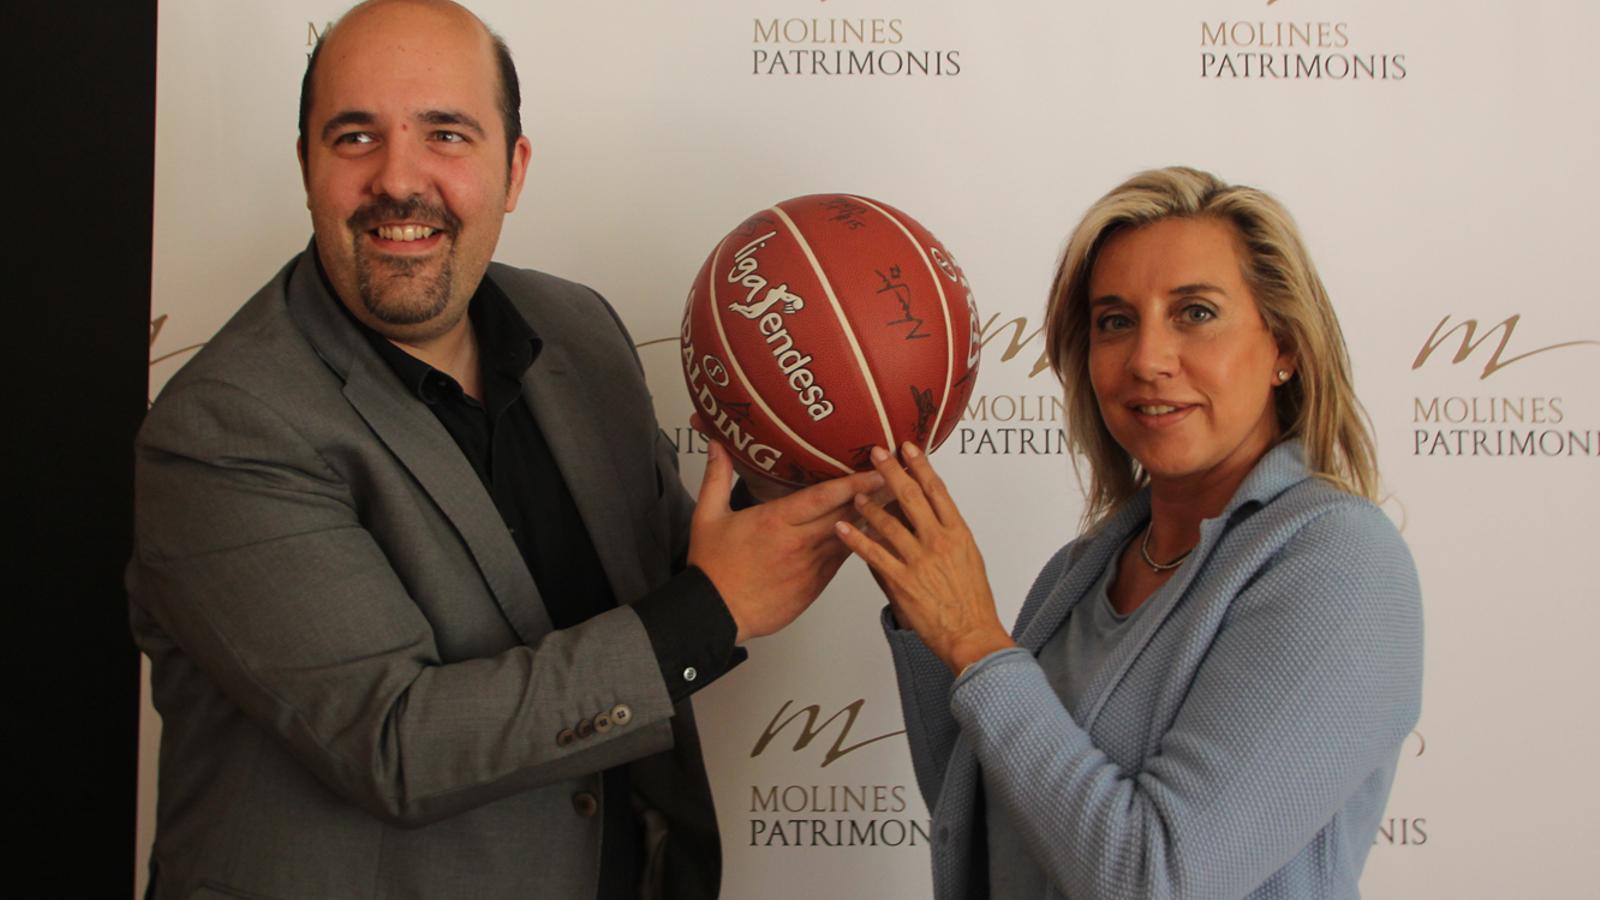 El president del MoraBanc Andorra, Gorka Aixàs, i la presidenta de Molines Patrimonis, Montserrat Cardelús, durant la signatura del nou conveni de patrocini